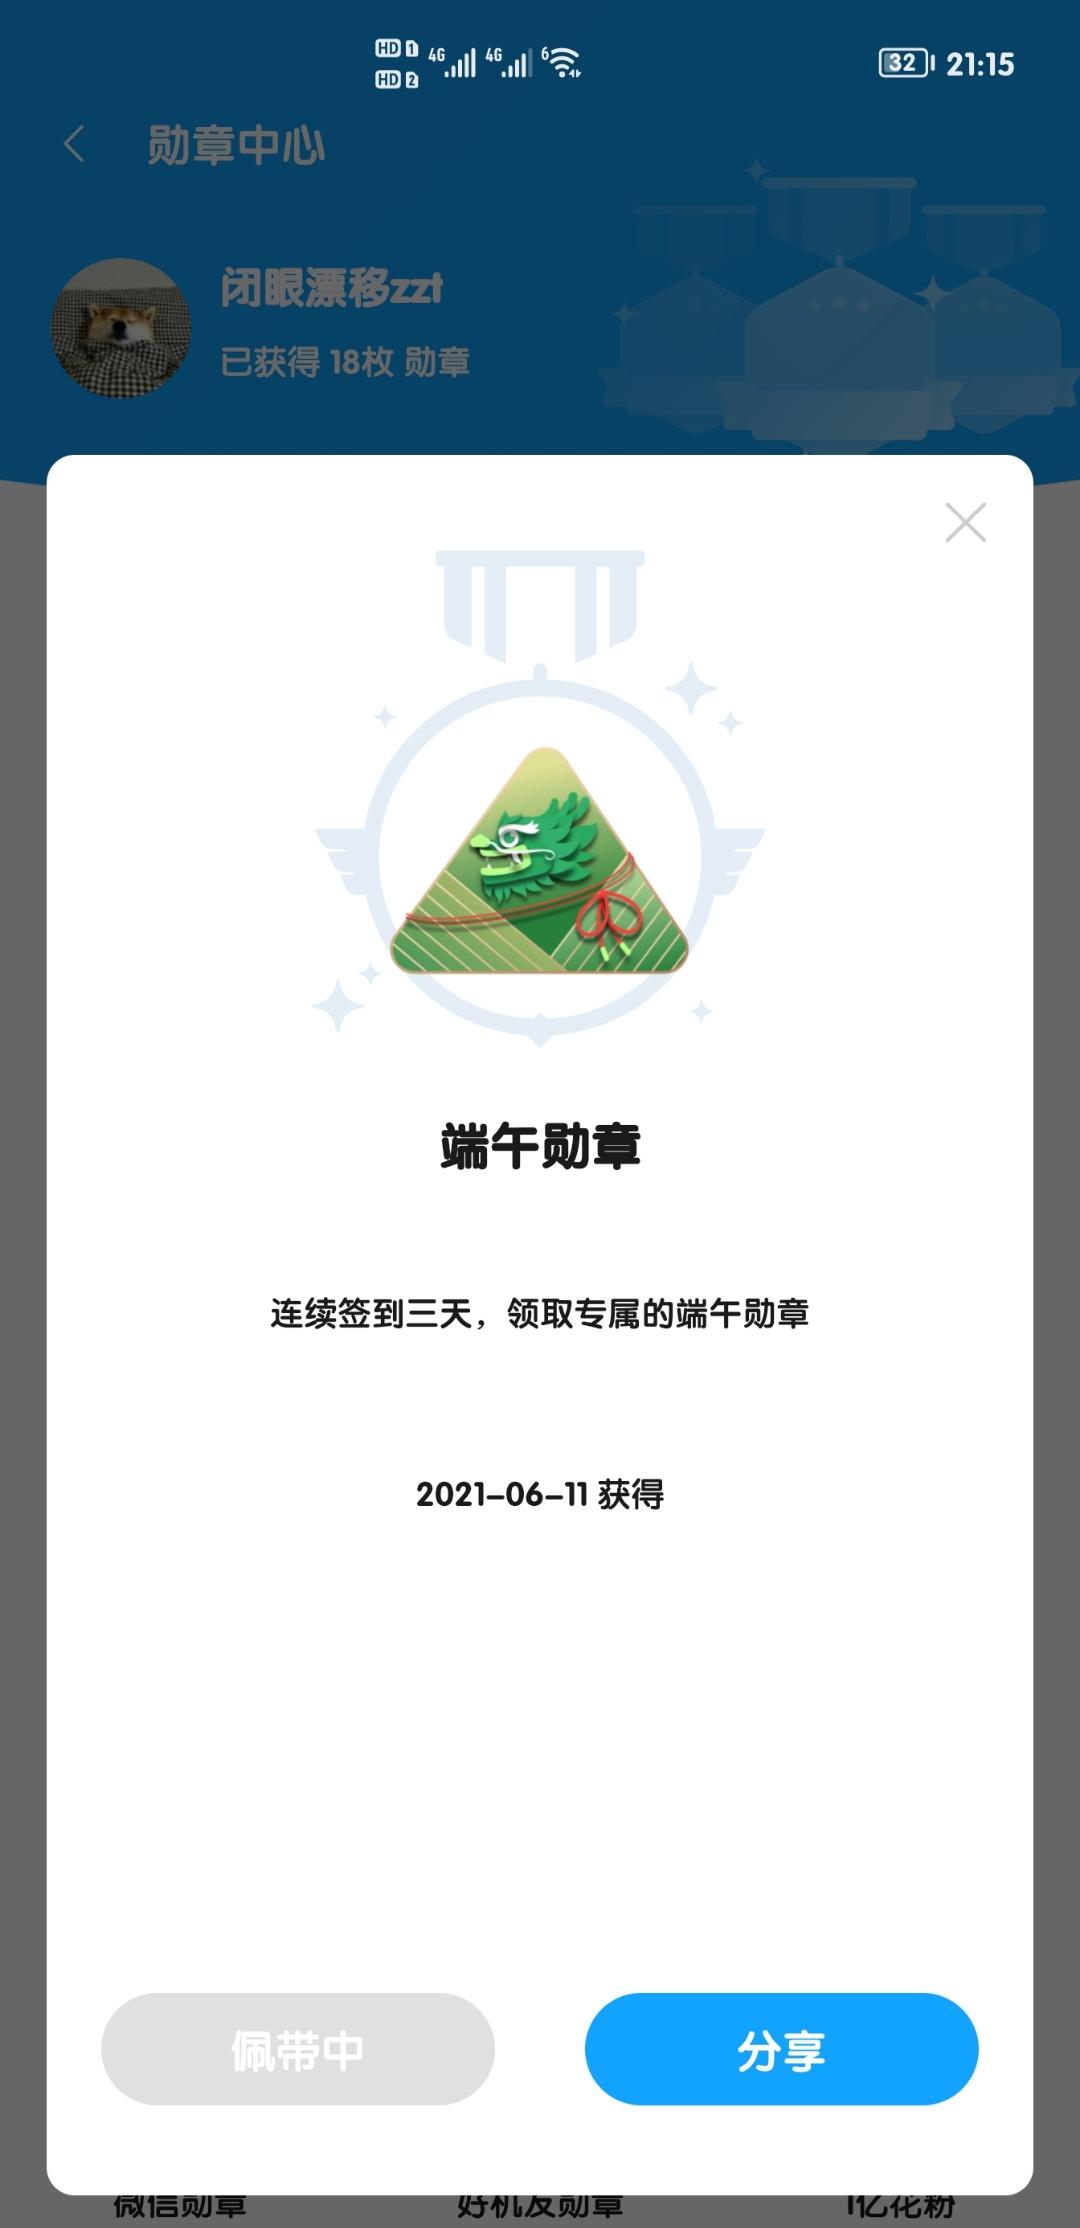 Screenshot_20210611_211538_com.huawei.fans.jpg